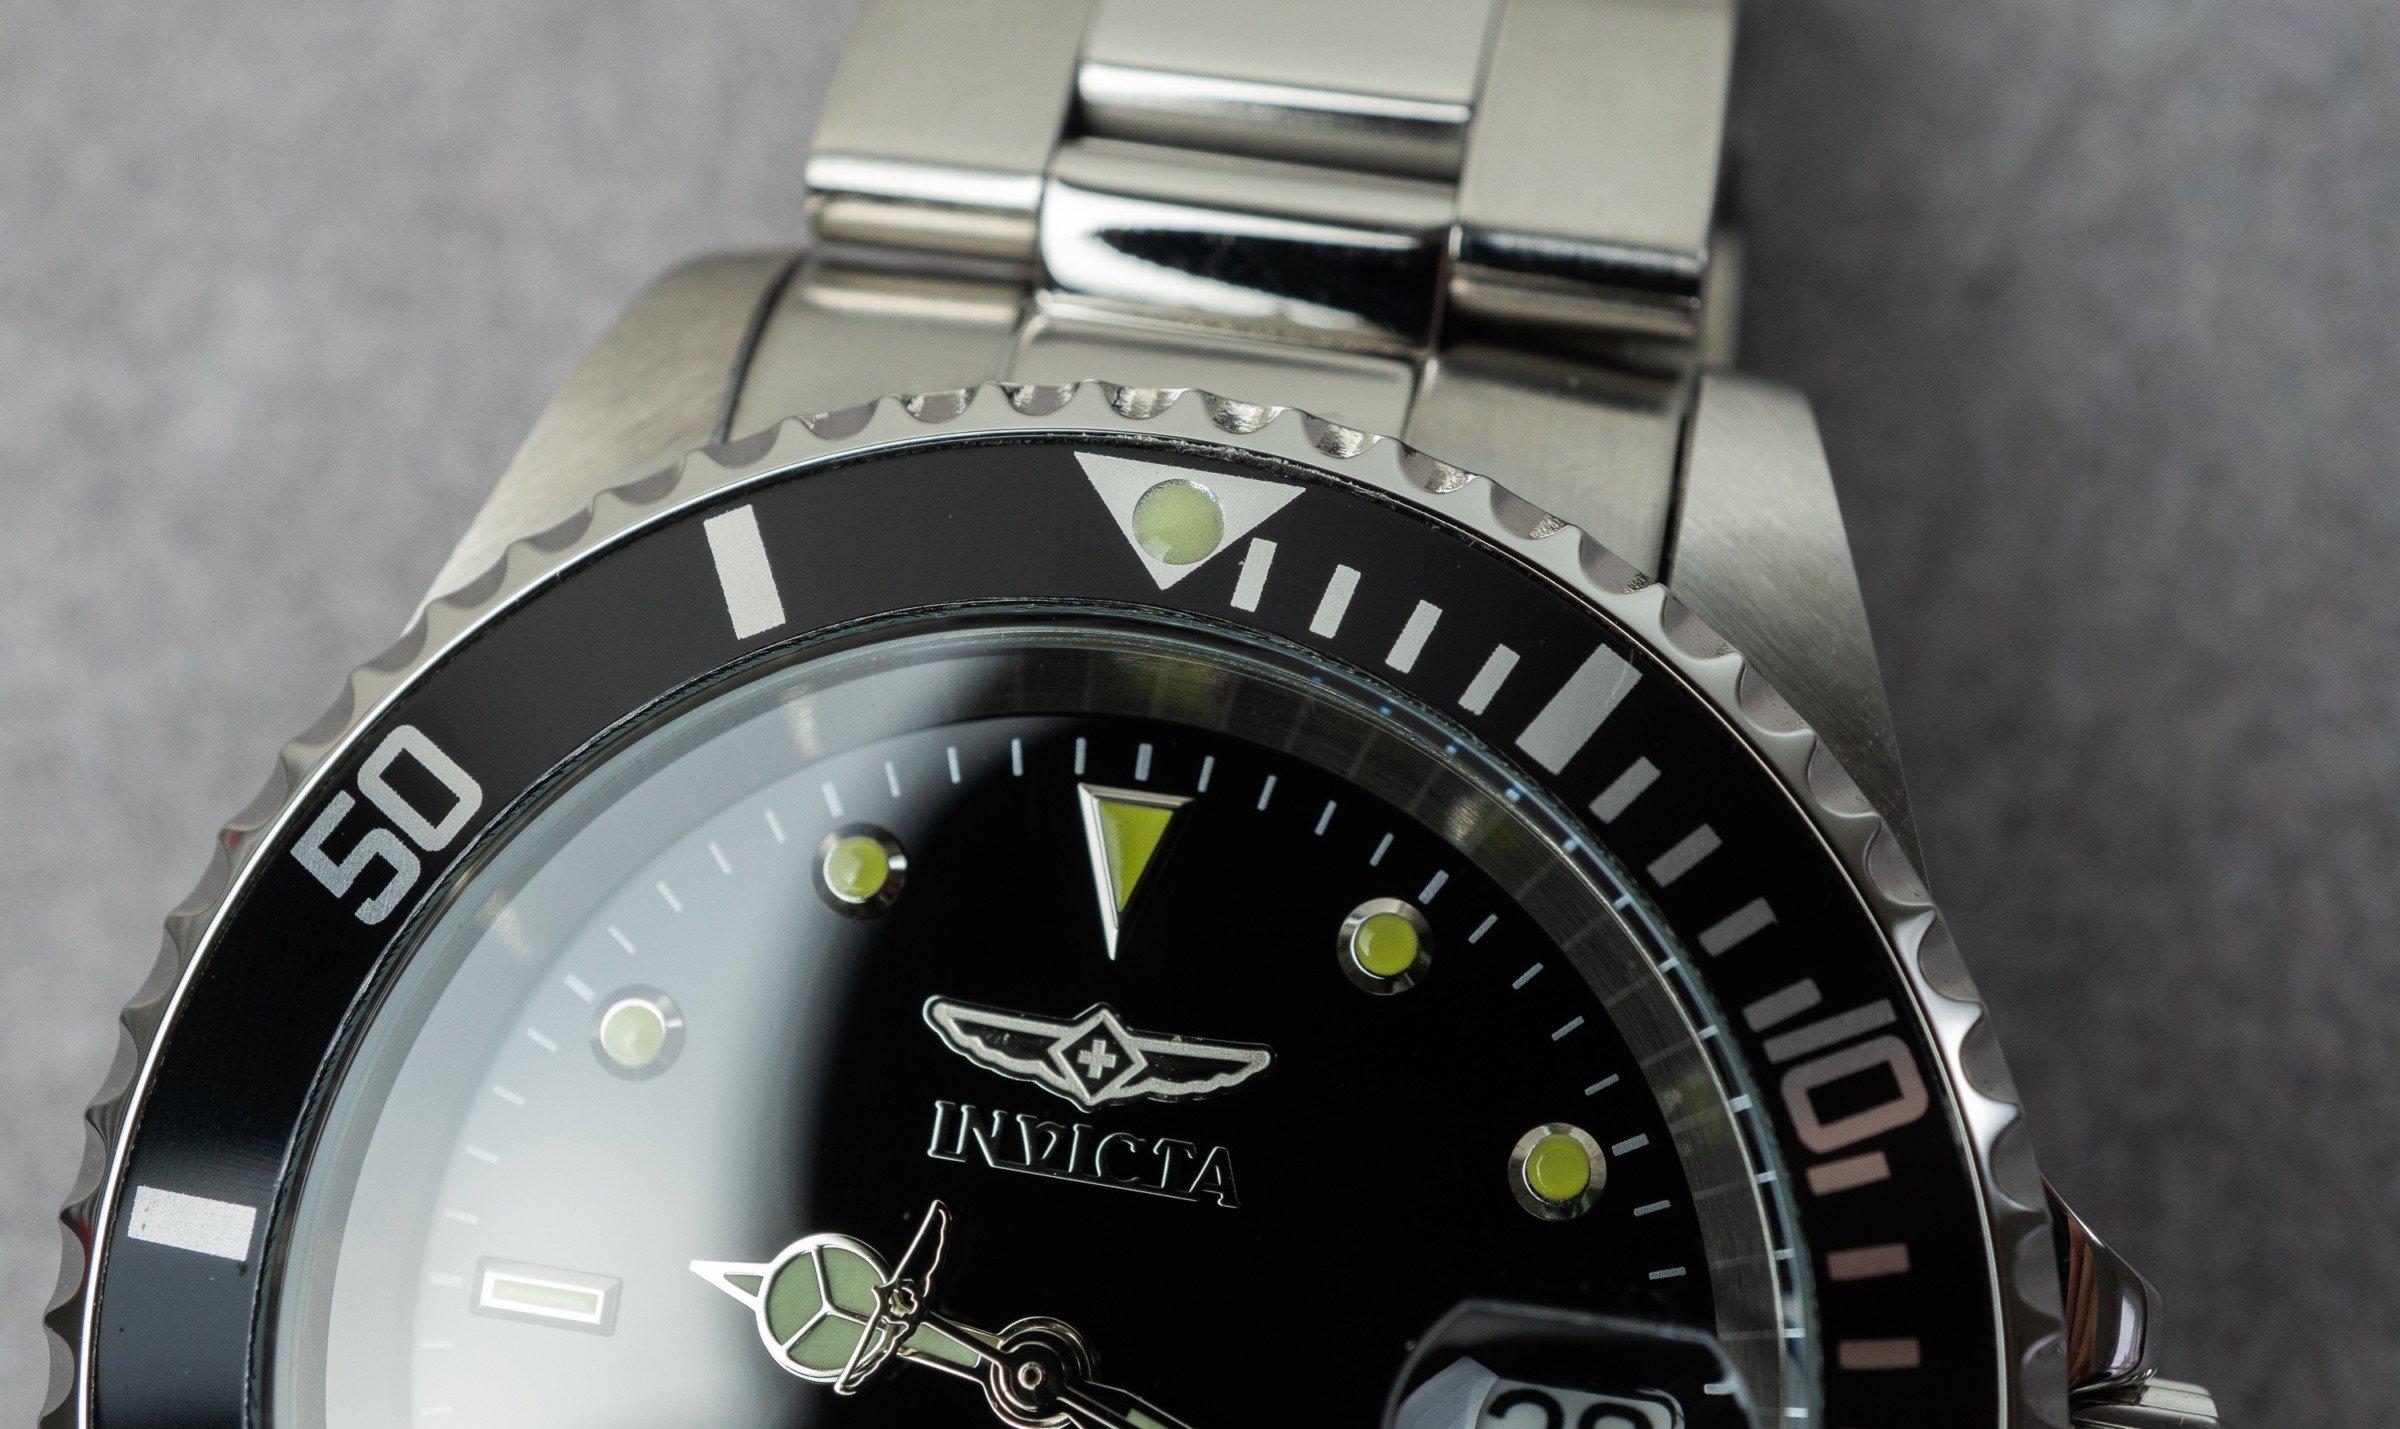 Invicta 8926OB Pro Diver Automatic